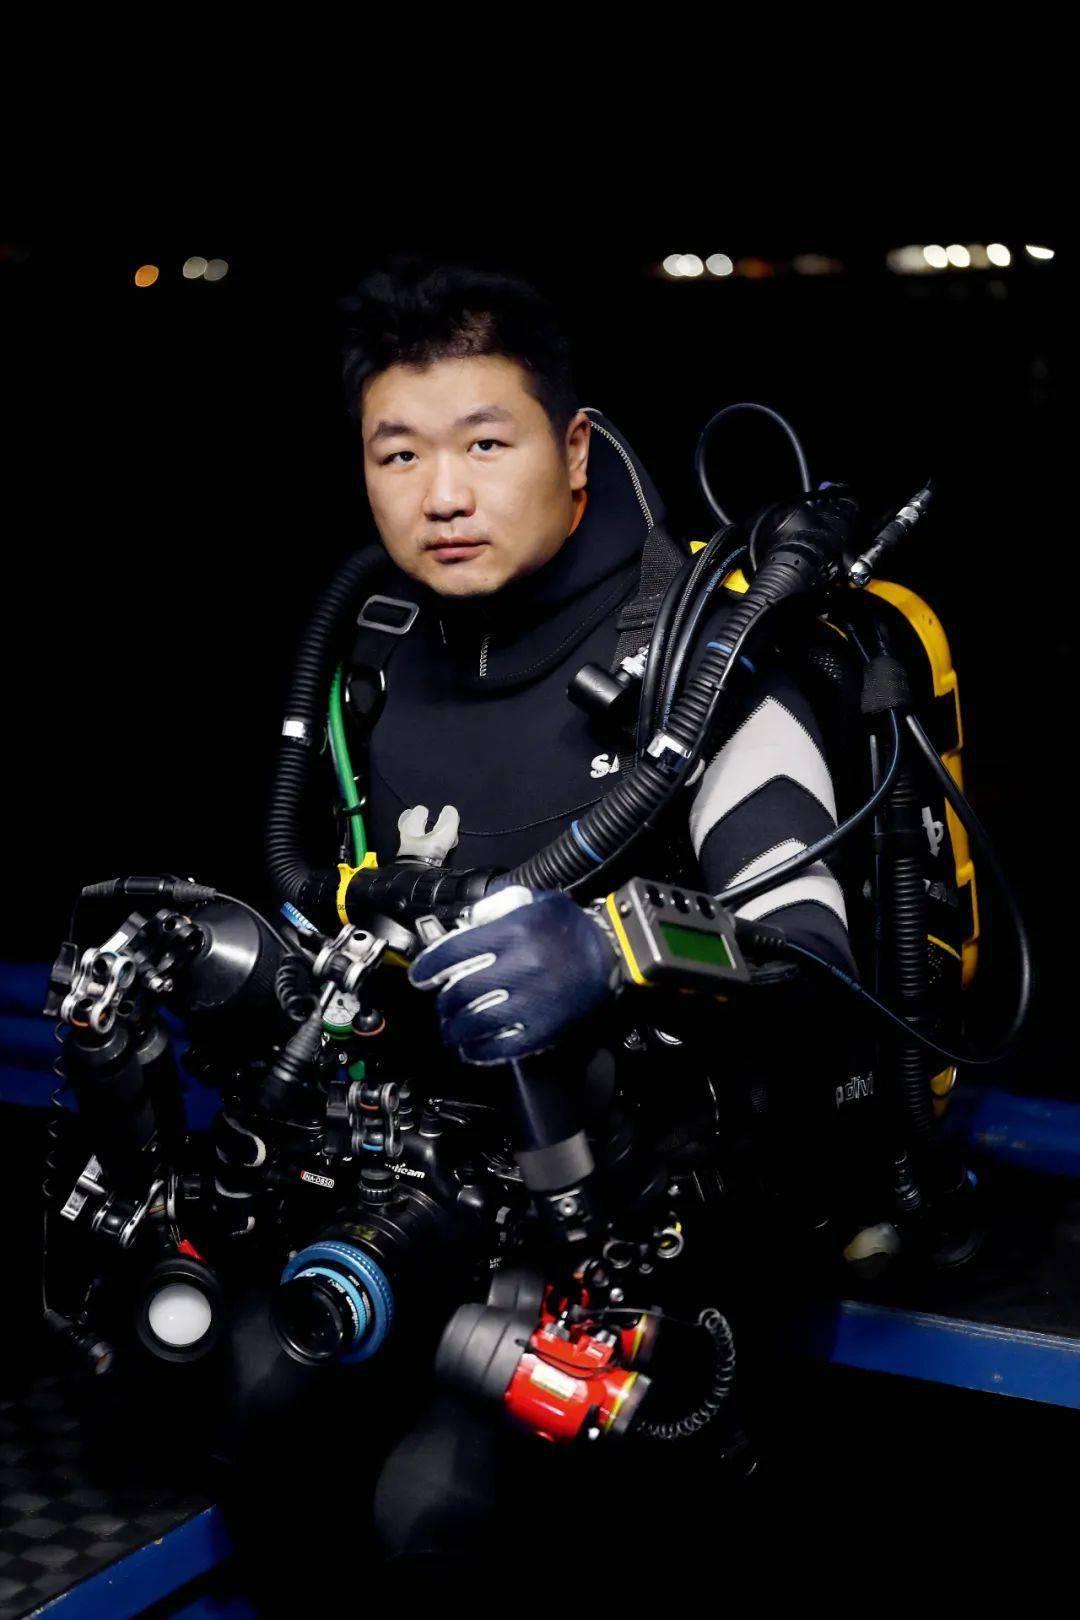 海底摄影装备